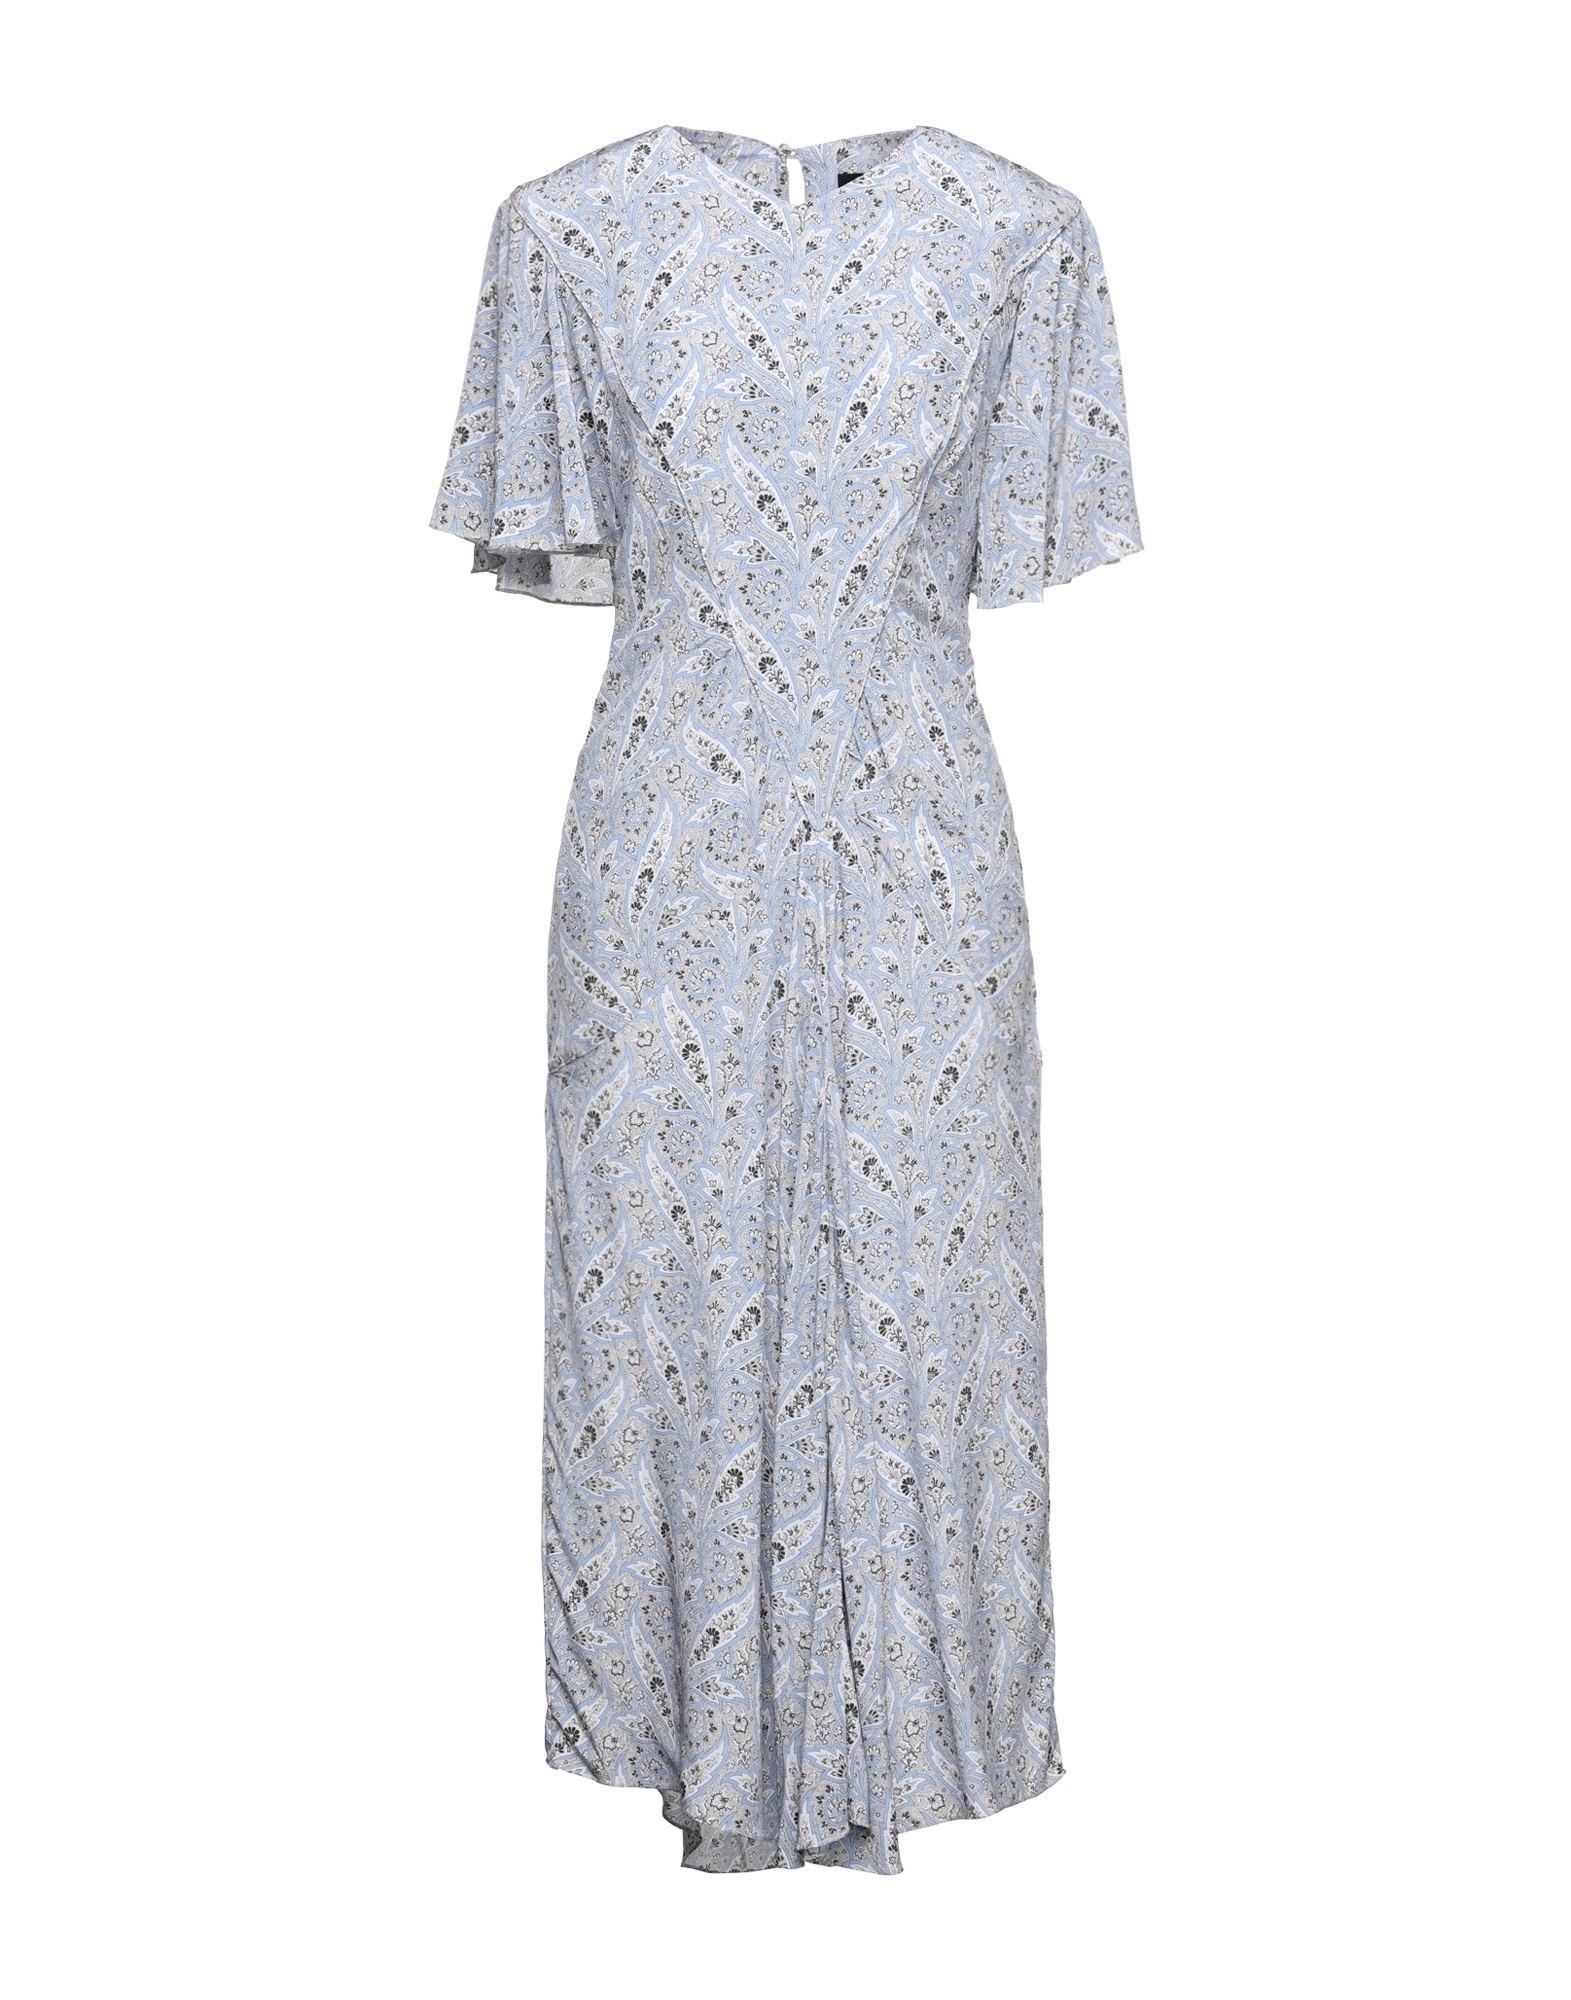 ISABEL MARANT Платье длиной 3/4 isabel garcia платье длиной 3 4